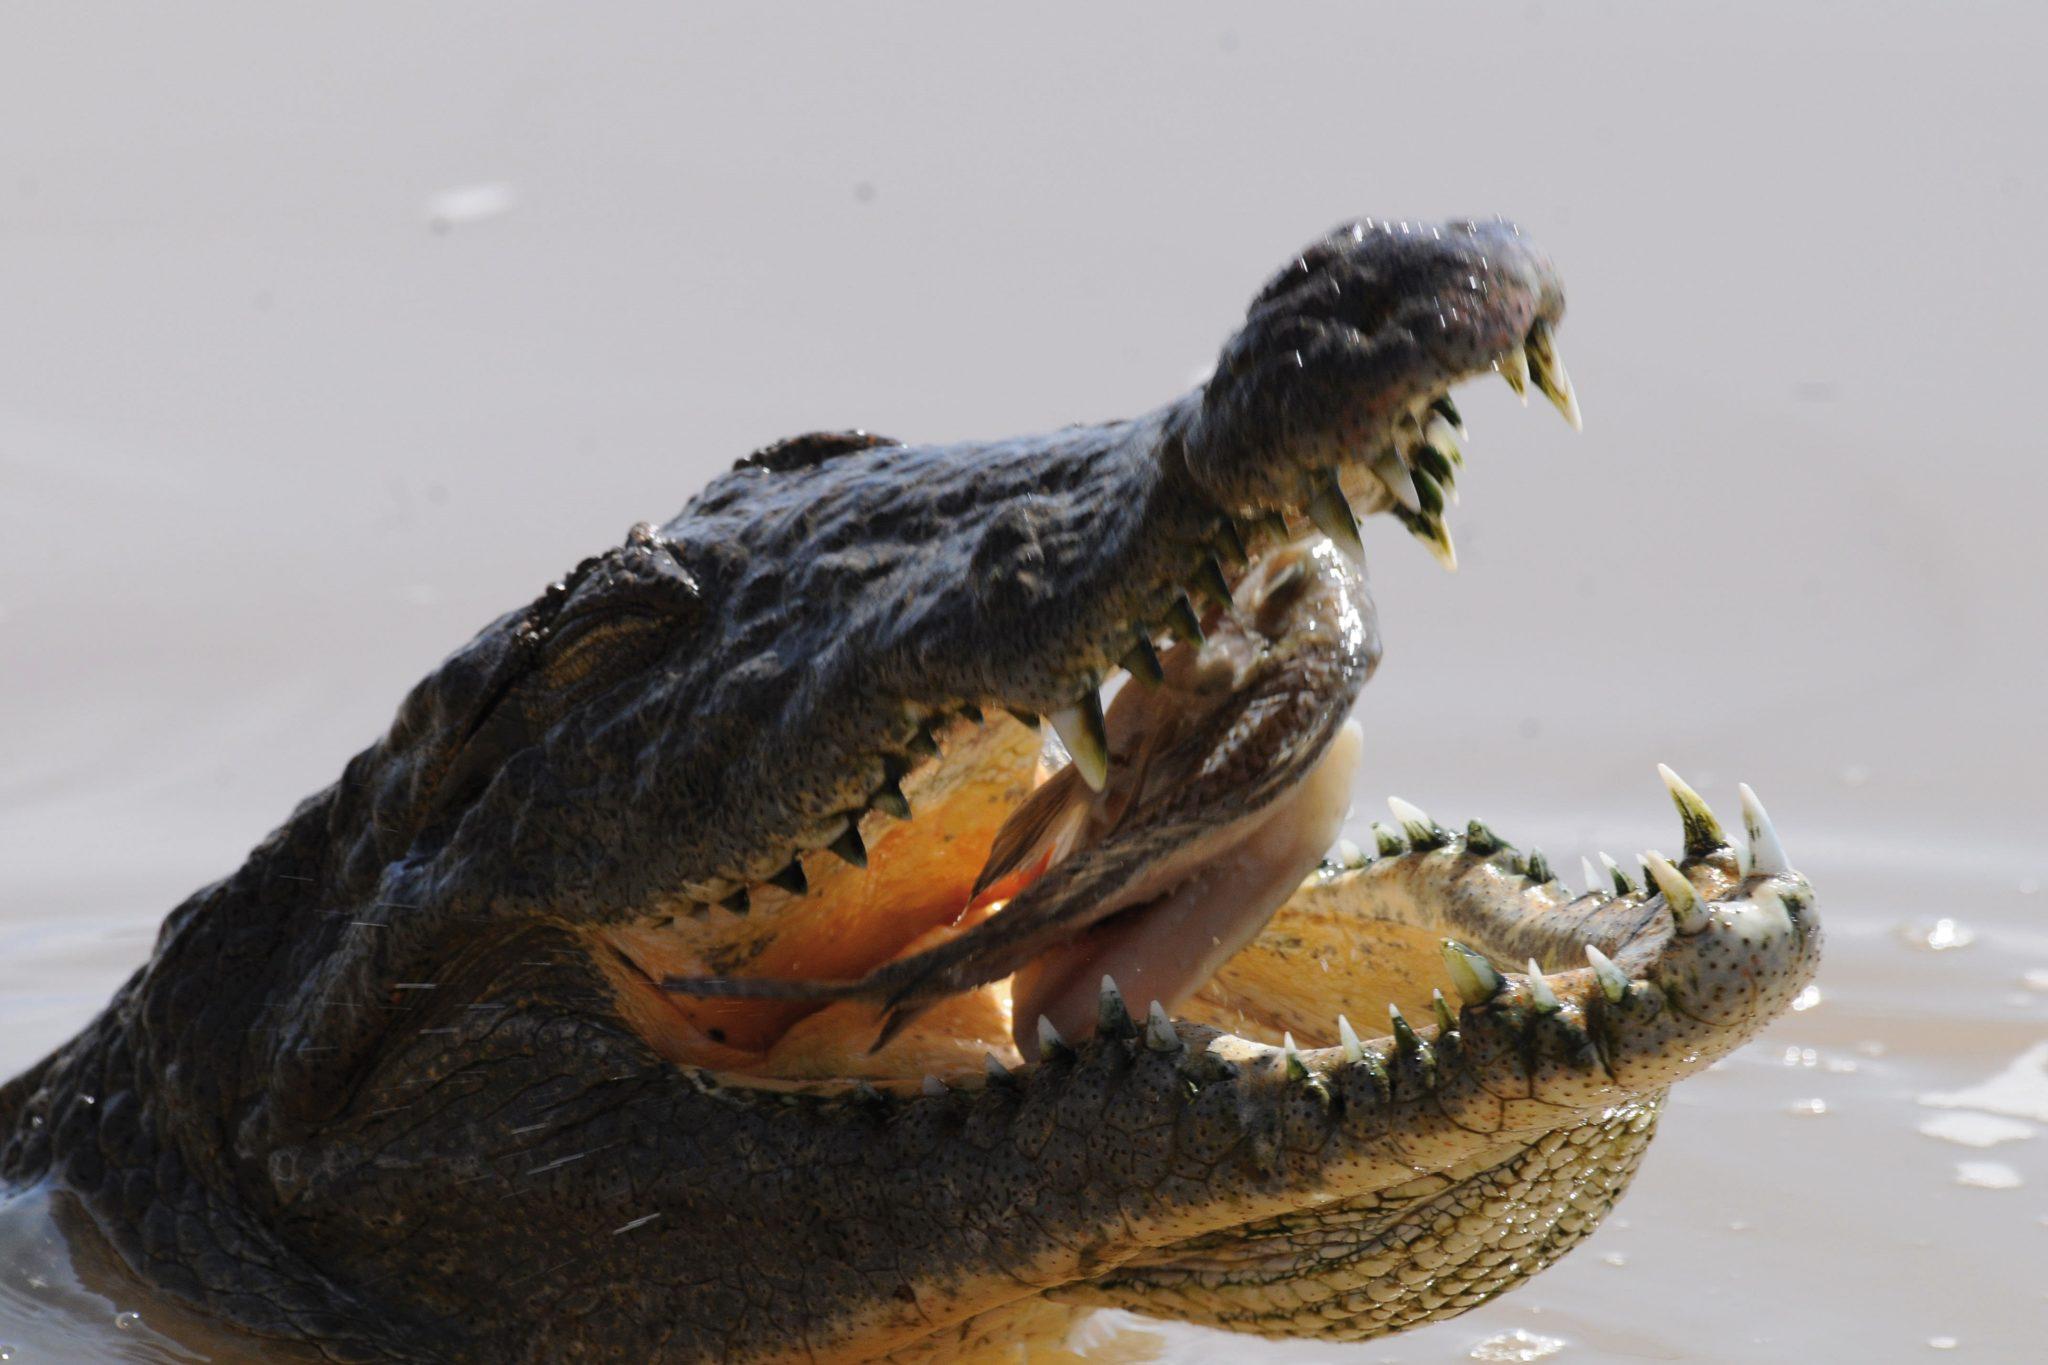 Ein Krokodil verspeist seine Beute